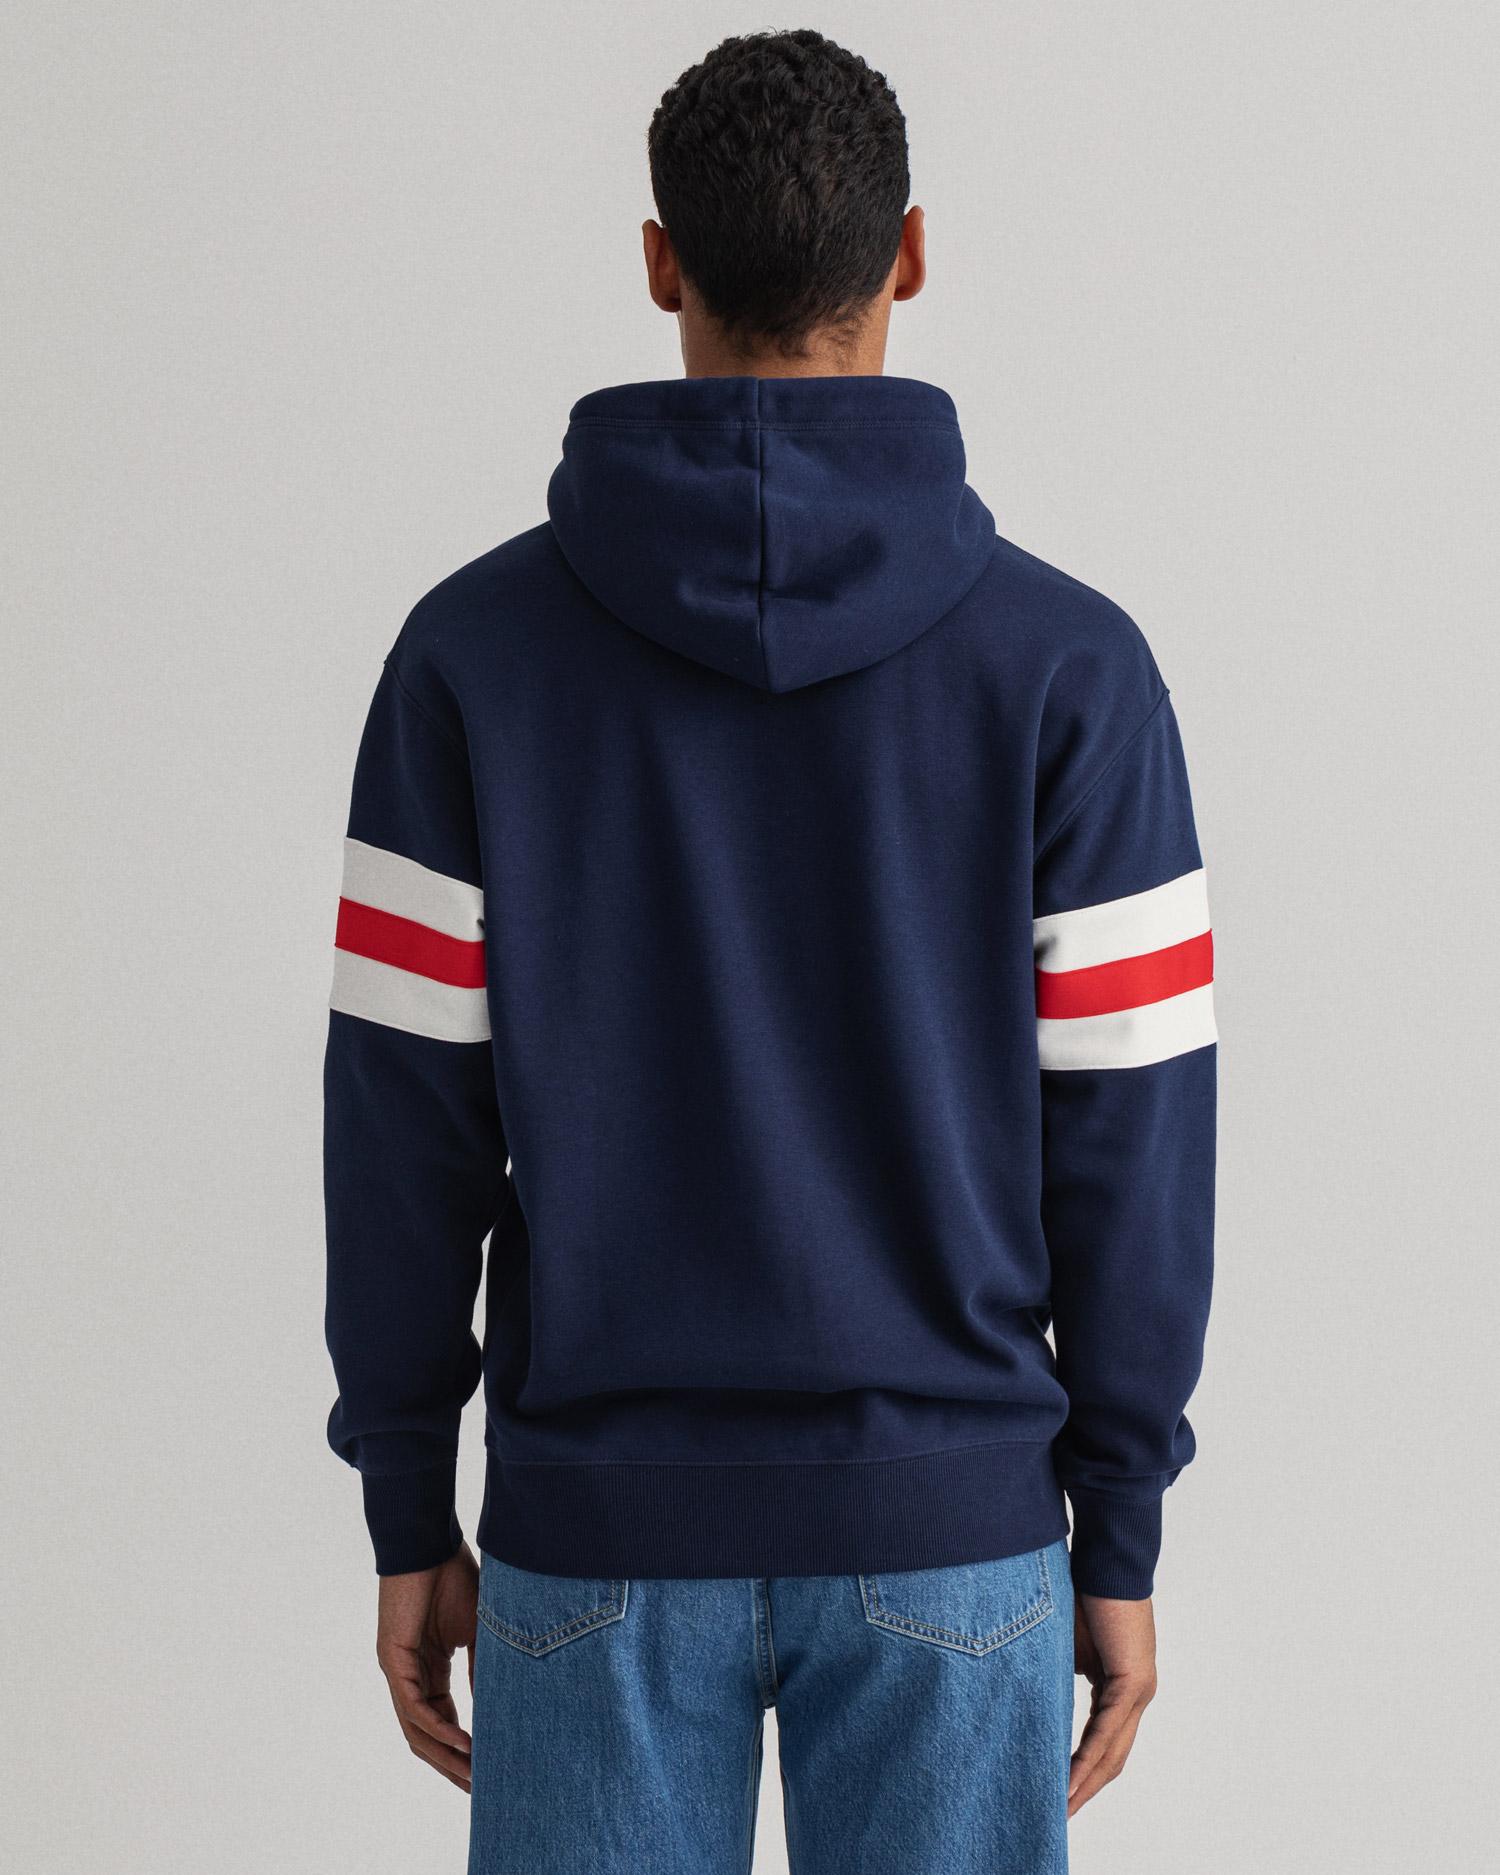 GANT męska bluza z kapturem Relaxed Fit z motywem Retro Shield - 2047071